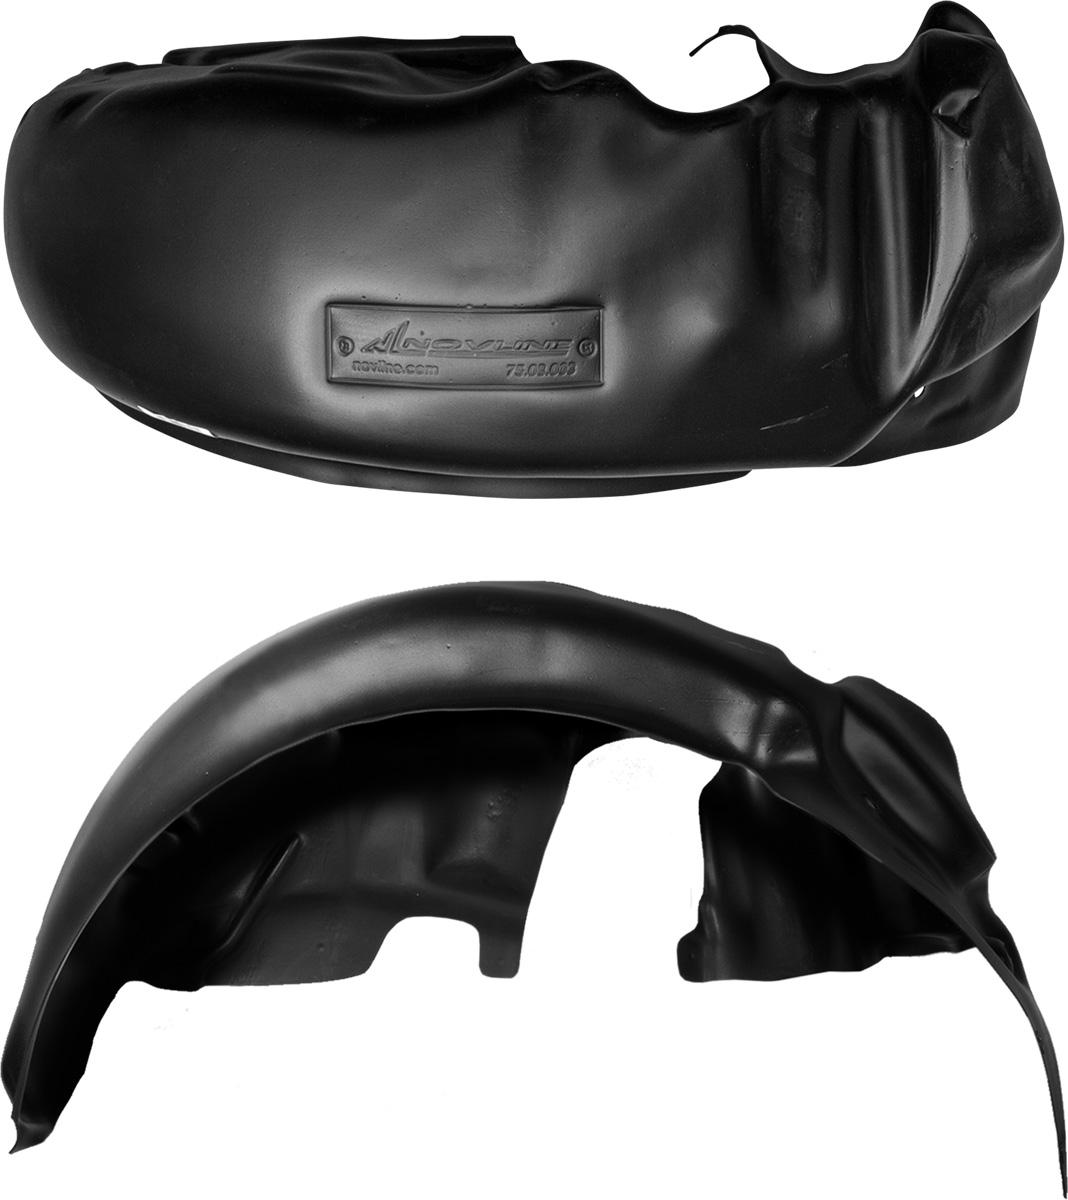 Подкрылок LADA Largus, 2012 ->, задний правыйNLL.52.26.004Колесные ниши – одни из самых уязвимых зон днища вашего автомобиля. Они постоянно подвергаются воздействию со стороны дороги. Лучшая, почти абсолютная защита для них - специально отформованные пластиковые кожухи, которые называются подкрылками, или локерами. Производятся они как для отечественных моделей автомобилей, так и для иномарок. Подкрылки выполнены из высококачественного, экологически чистого пластика. Обеспечивают надежную защиту кузова автомобиля от пескоструйного эффекта и негативного влияния, агрессивных антигололедных реагентов. Пластик обладает более низкой теплопроводностью, чем металл, поэтому в зимний период эксплуатации использование пластиковых подкрылков позволяет лучше защитить колесные ниши от налипания снега и образования наледи. Оригинальность конструкции подчеркивает элегантность автомобиля, бережно защищает нанесенное на днище кузова антикоррозийное покрытие и позволяет осуществить крепление подкрылков внутри колесной арки практически без дополнительного...